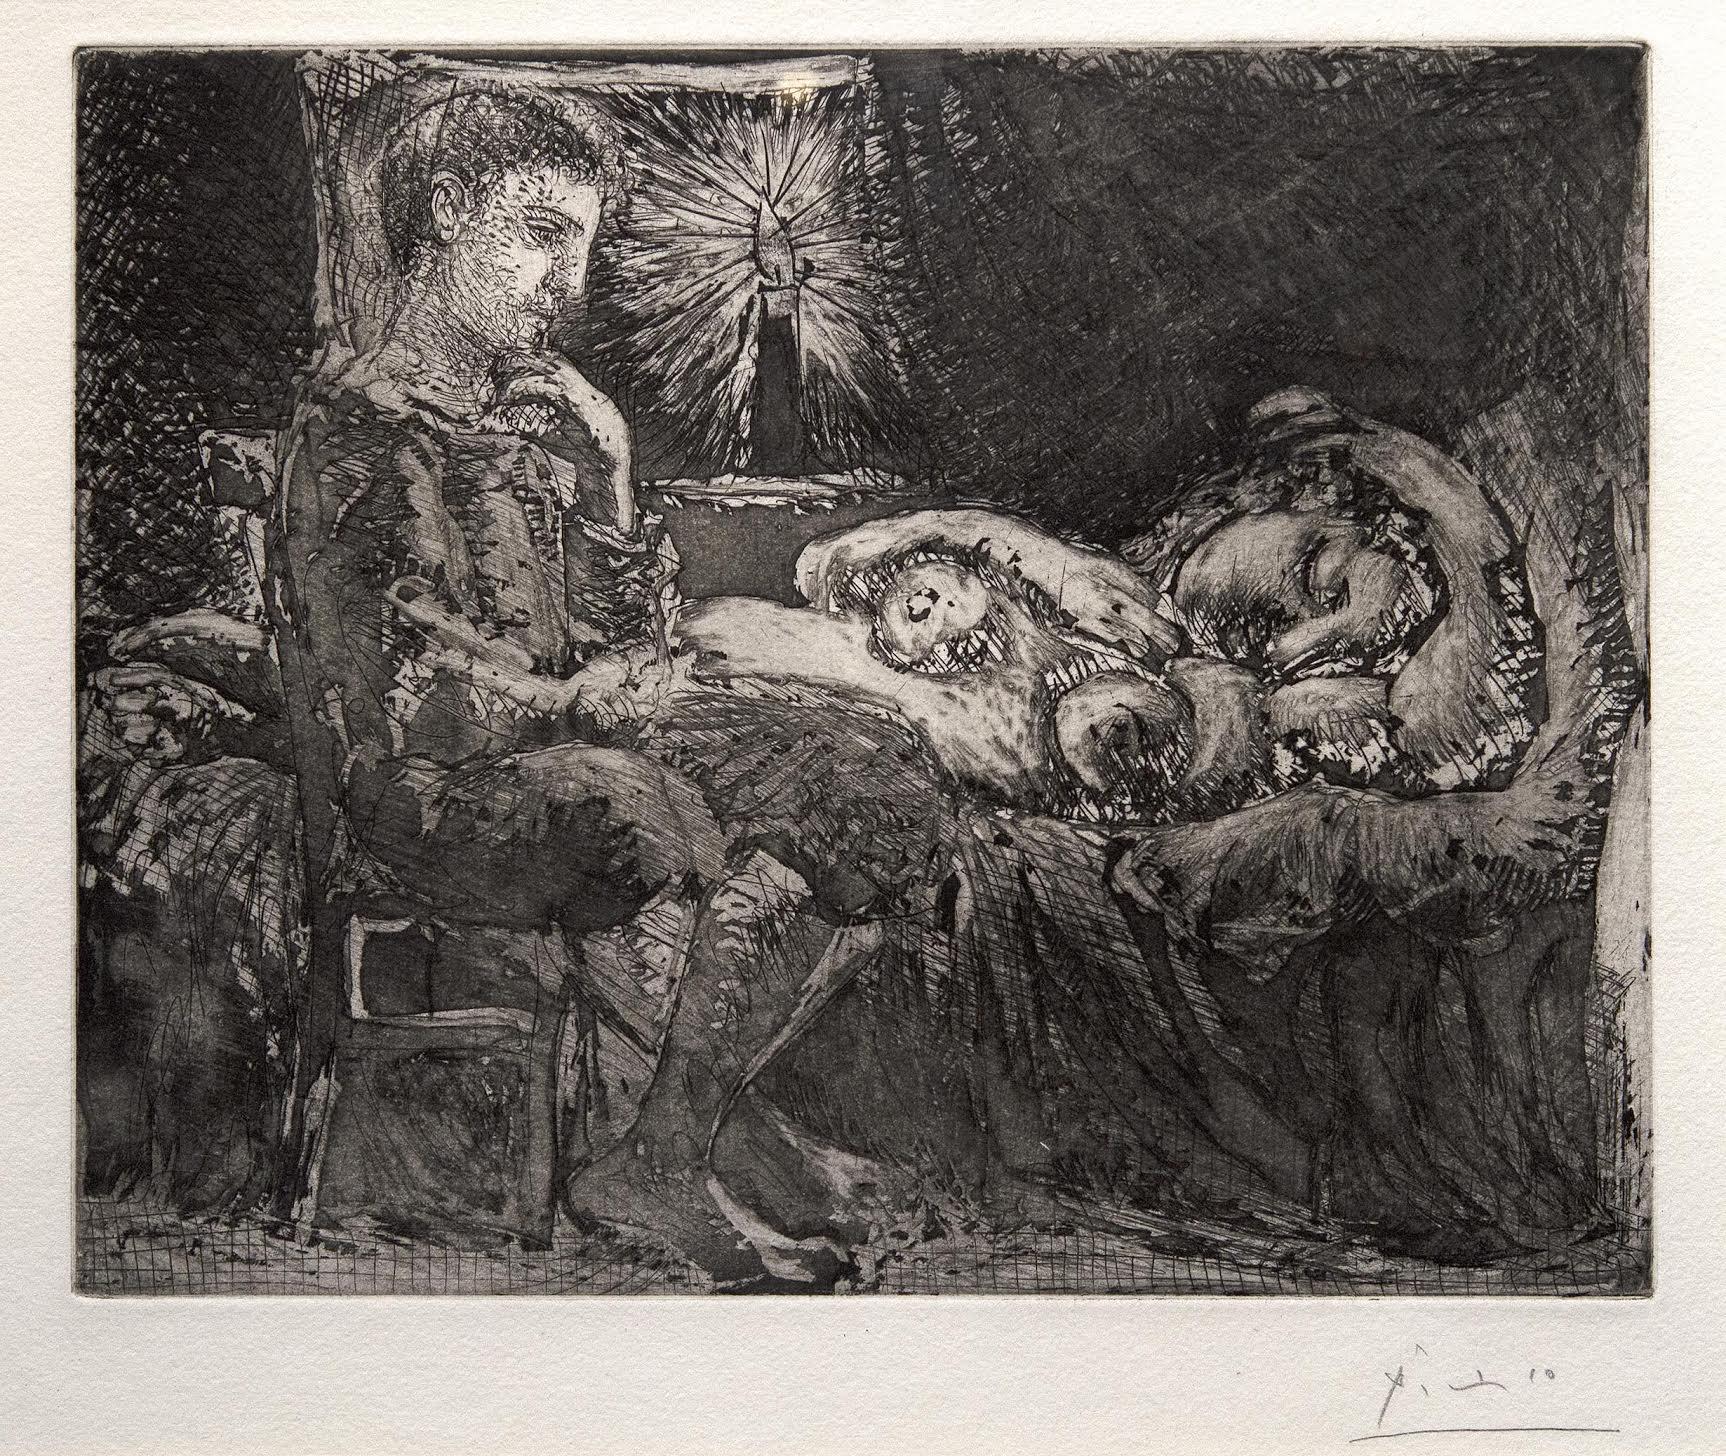 Garçon et Dormeuse à la Chandelle by Picasso